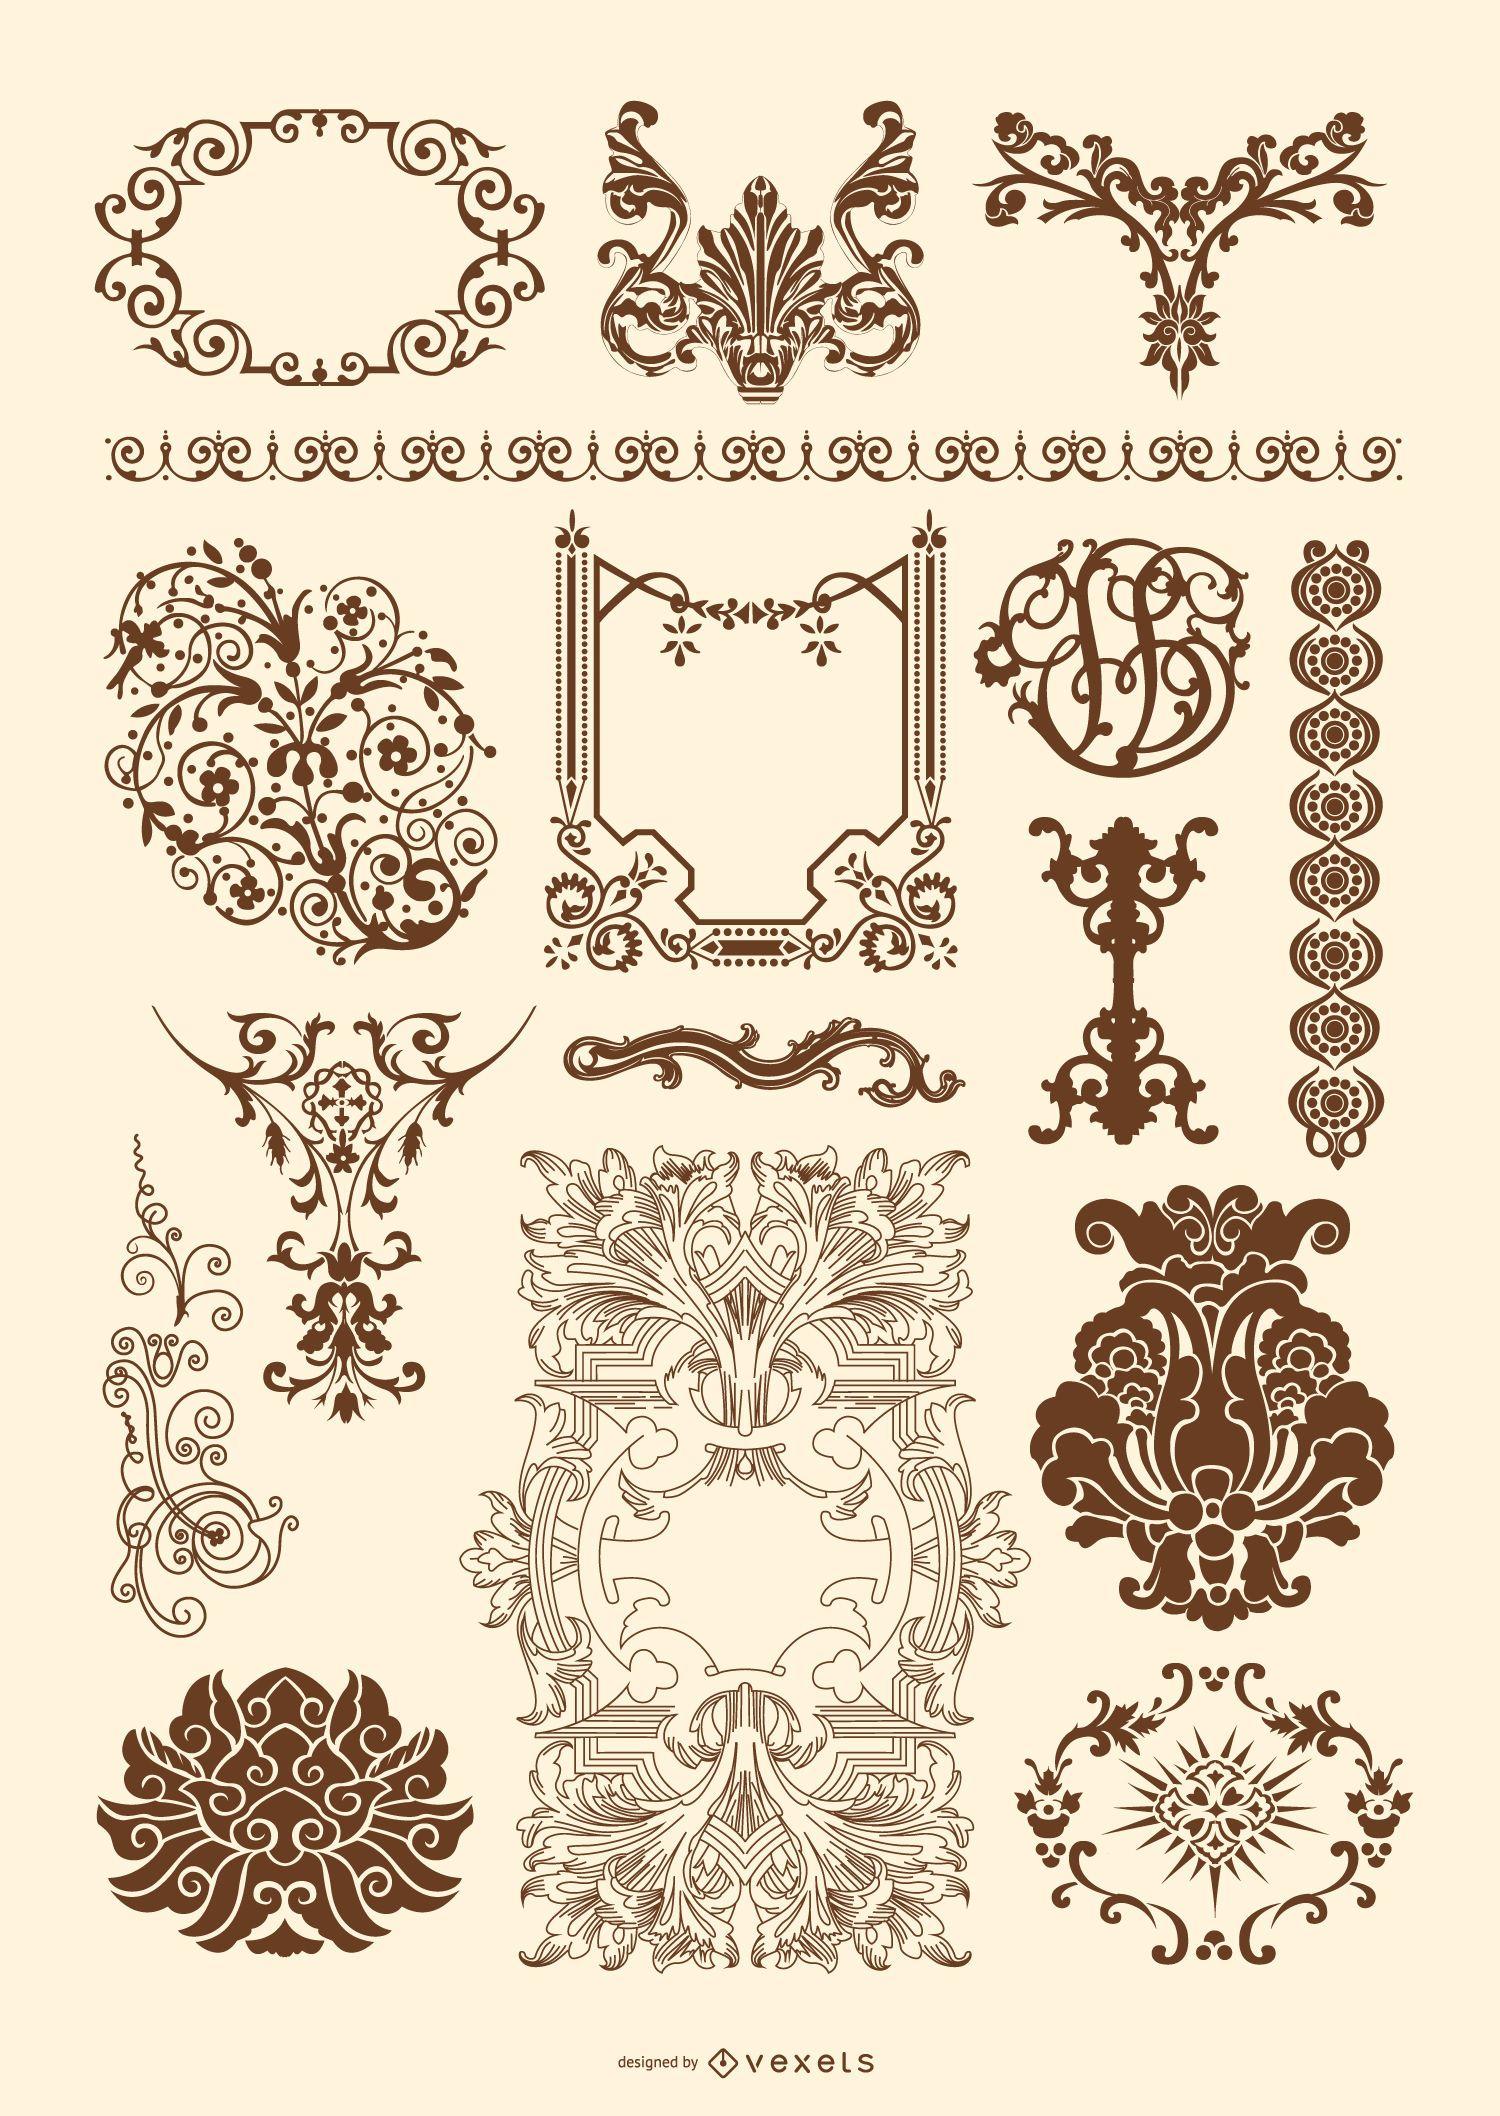 Victorian and Rococo ornament Set